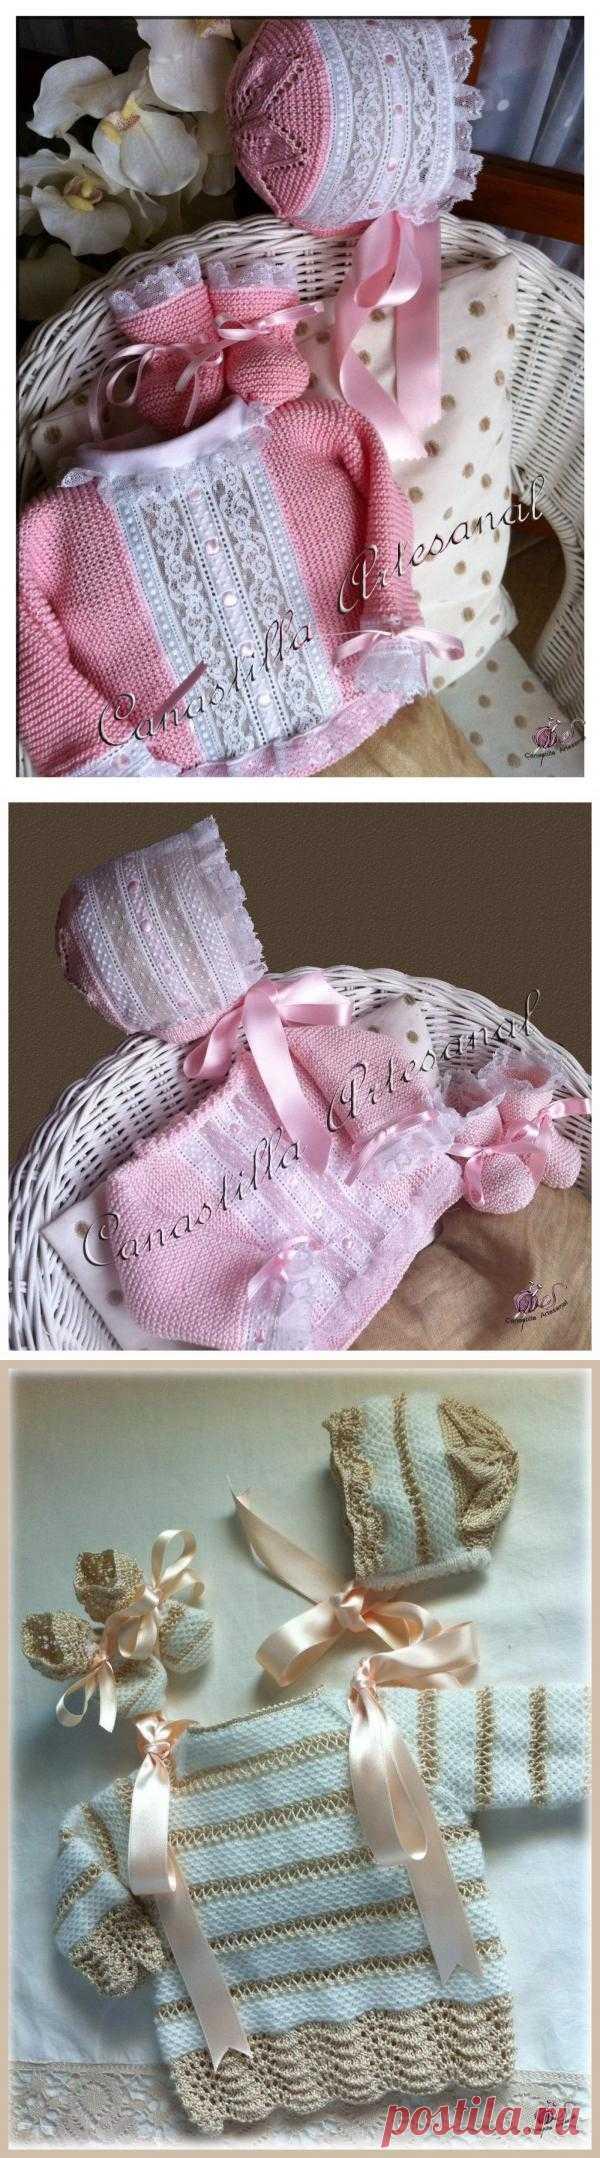 Блоги@Mail.Ru: Шедевры для малышей от CANASTILLA ARTESANAL (для вдохновения)